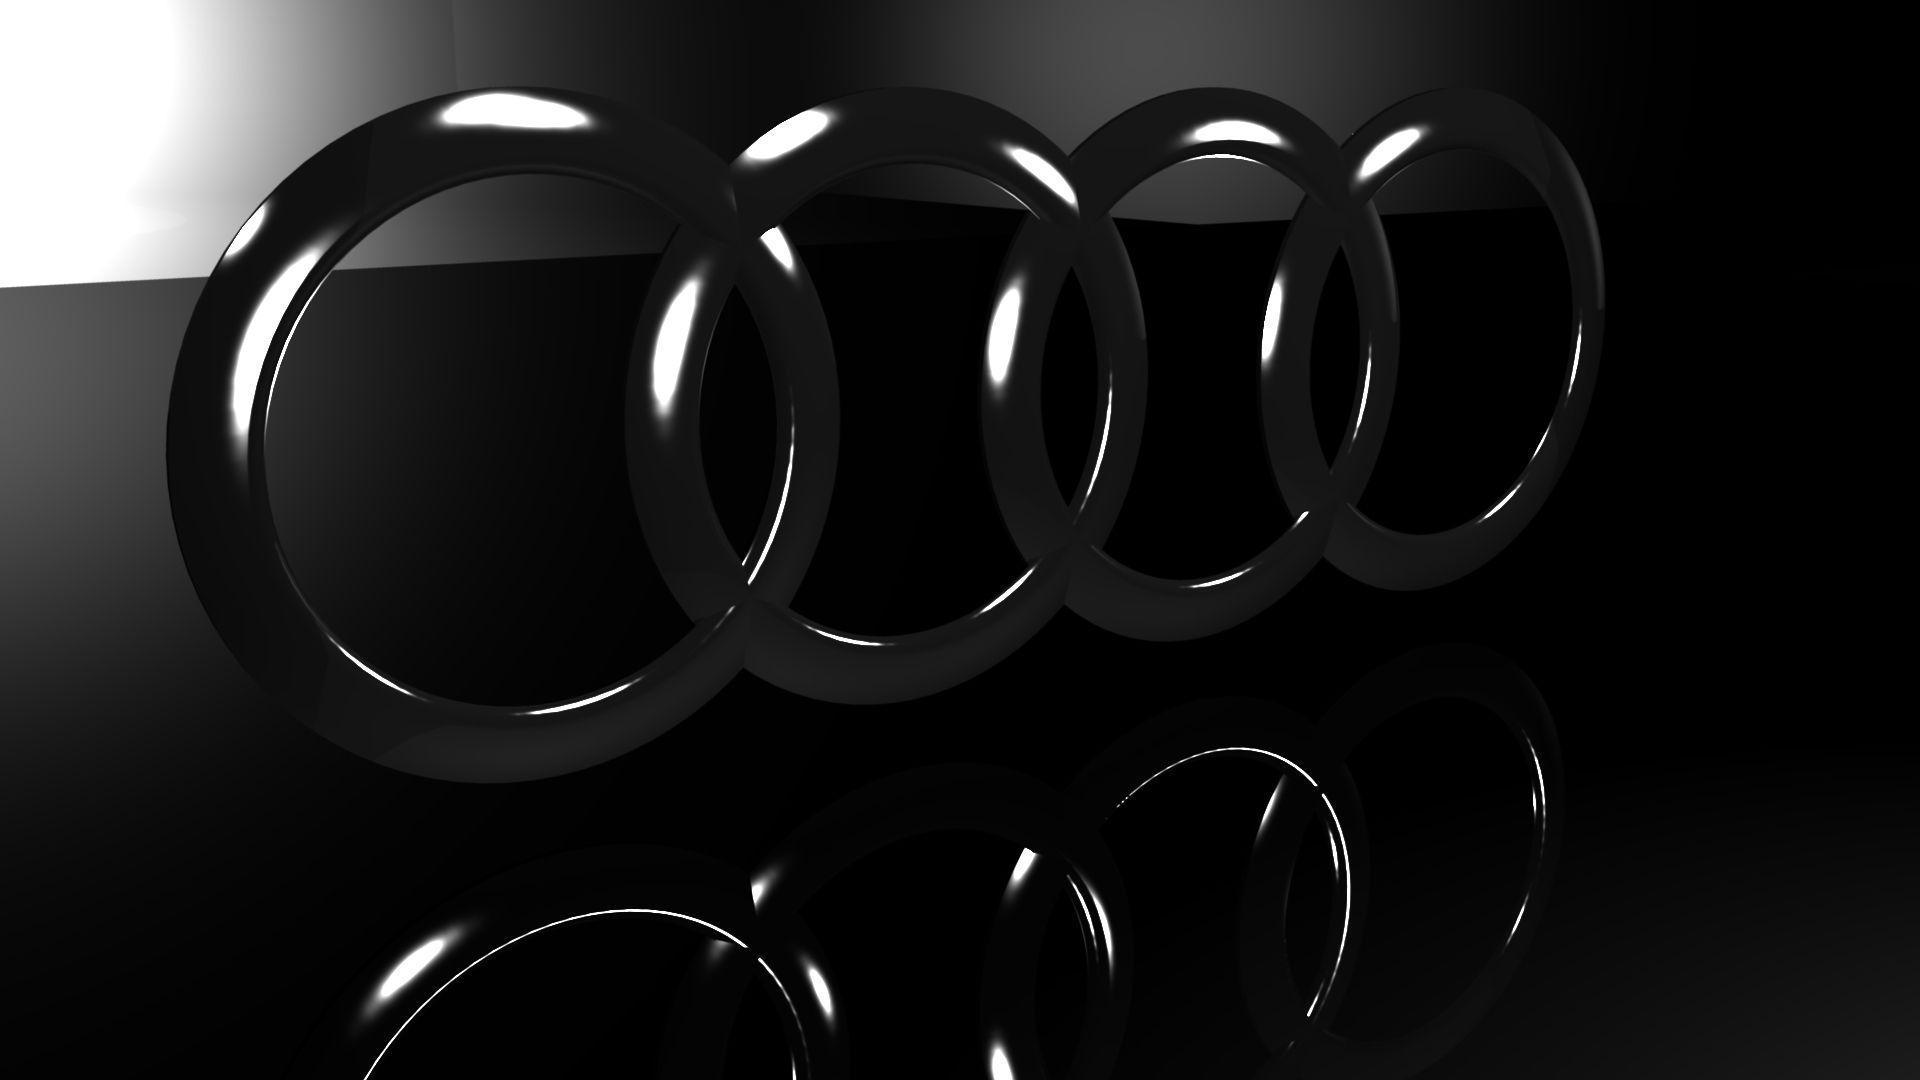 Audi Logo Wallpapers Wallpaper Cave - Audi logo